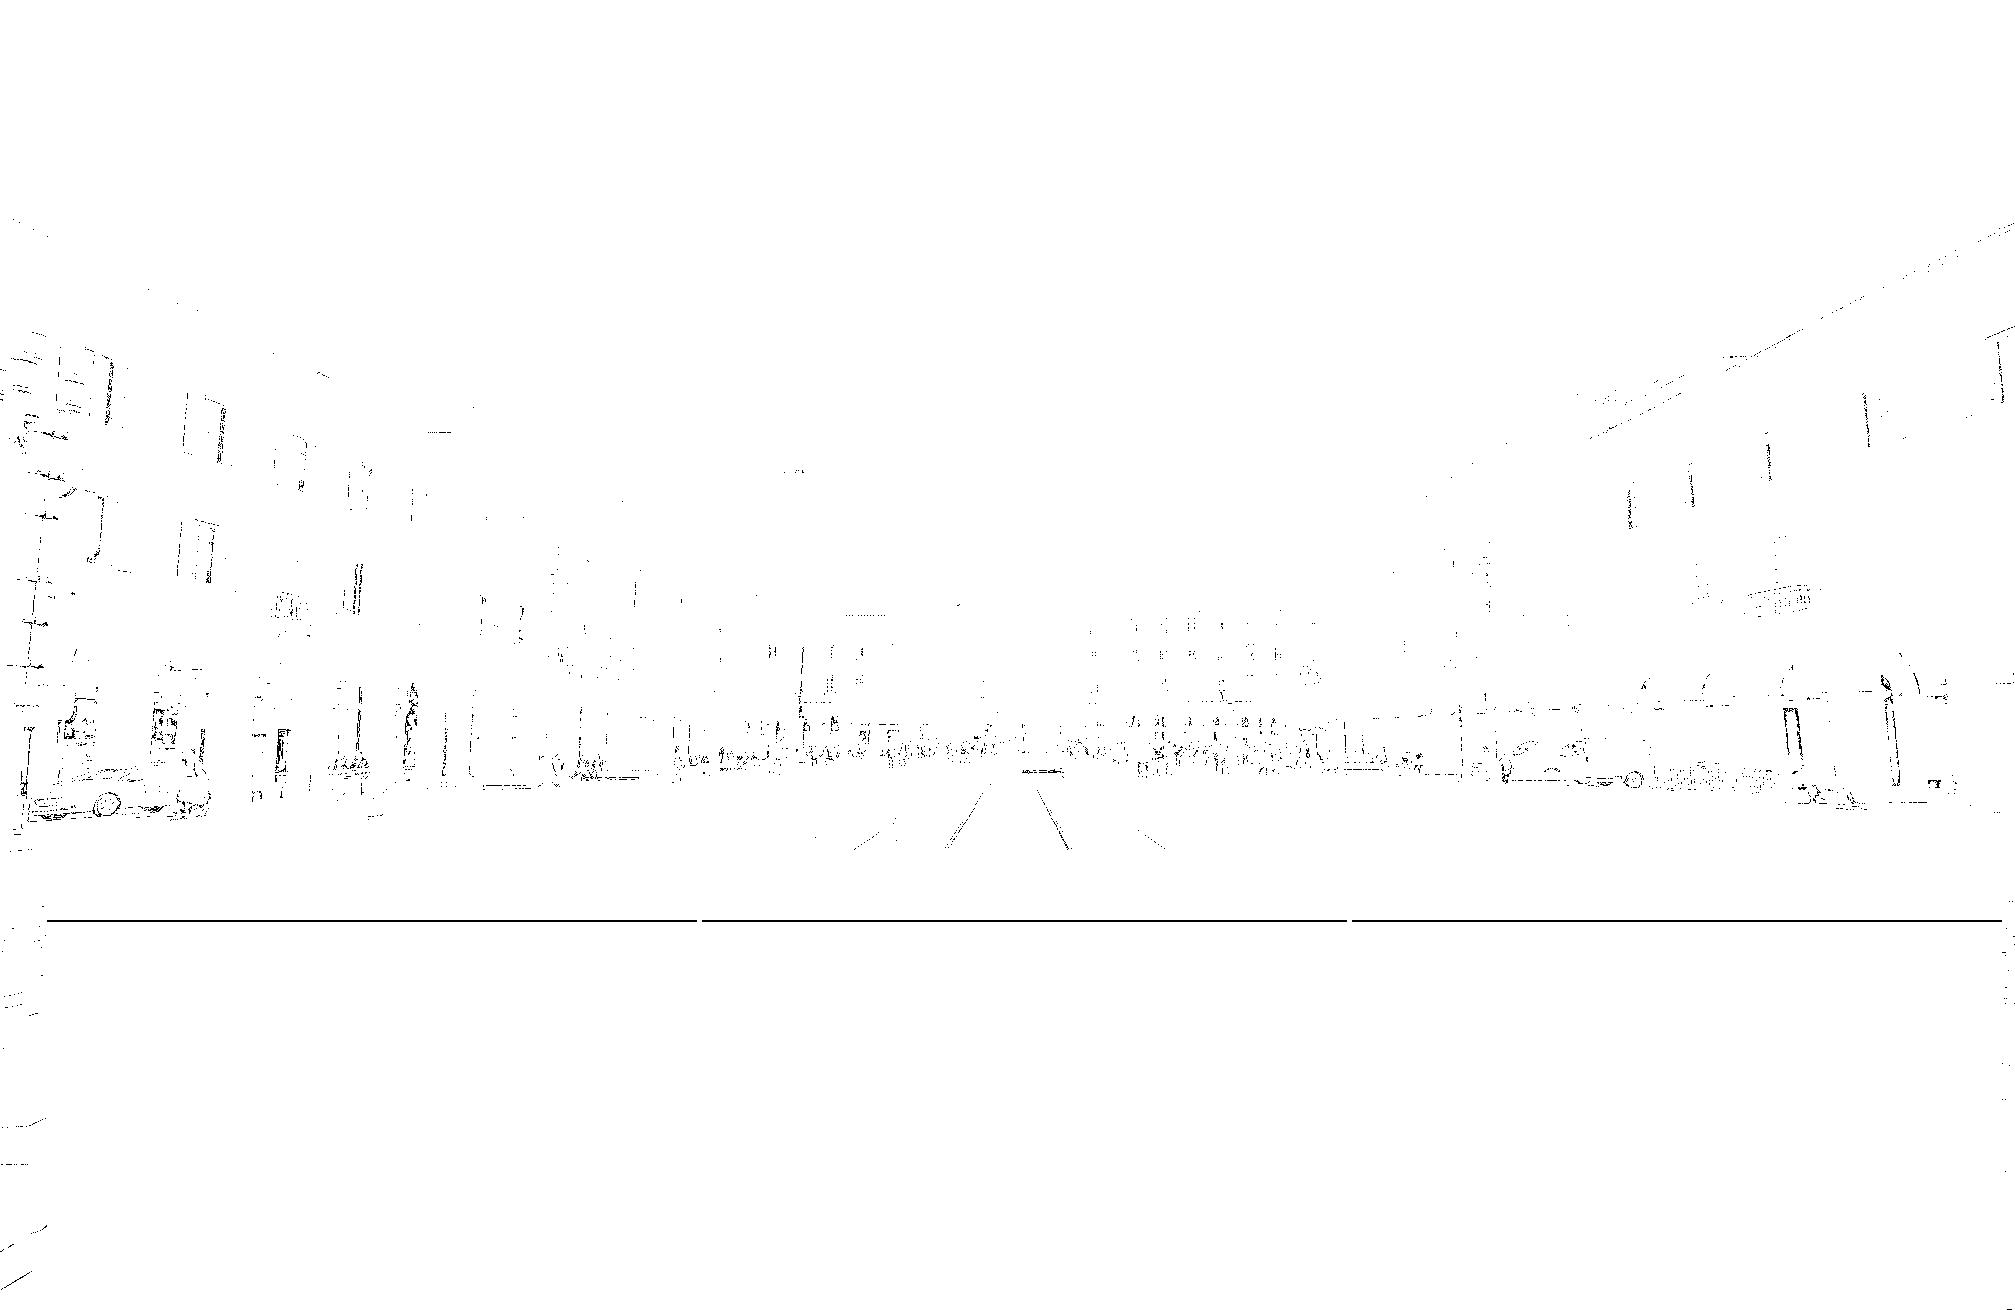 Météo Nice: Prévisions du dimanche 18 avril 2021